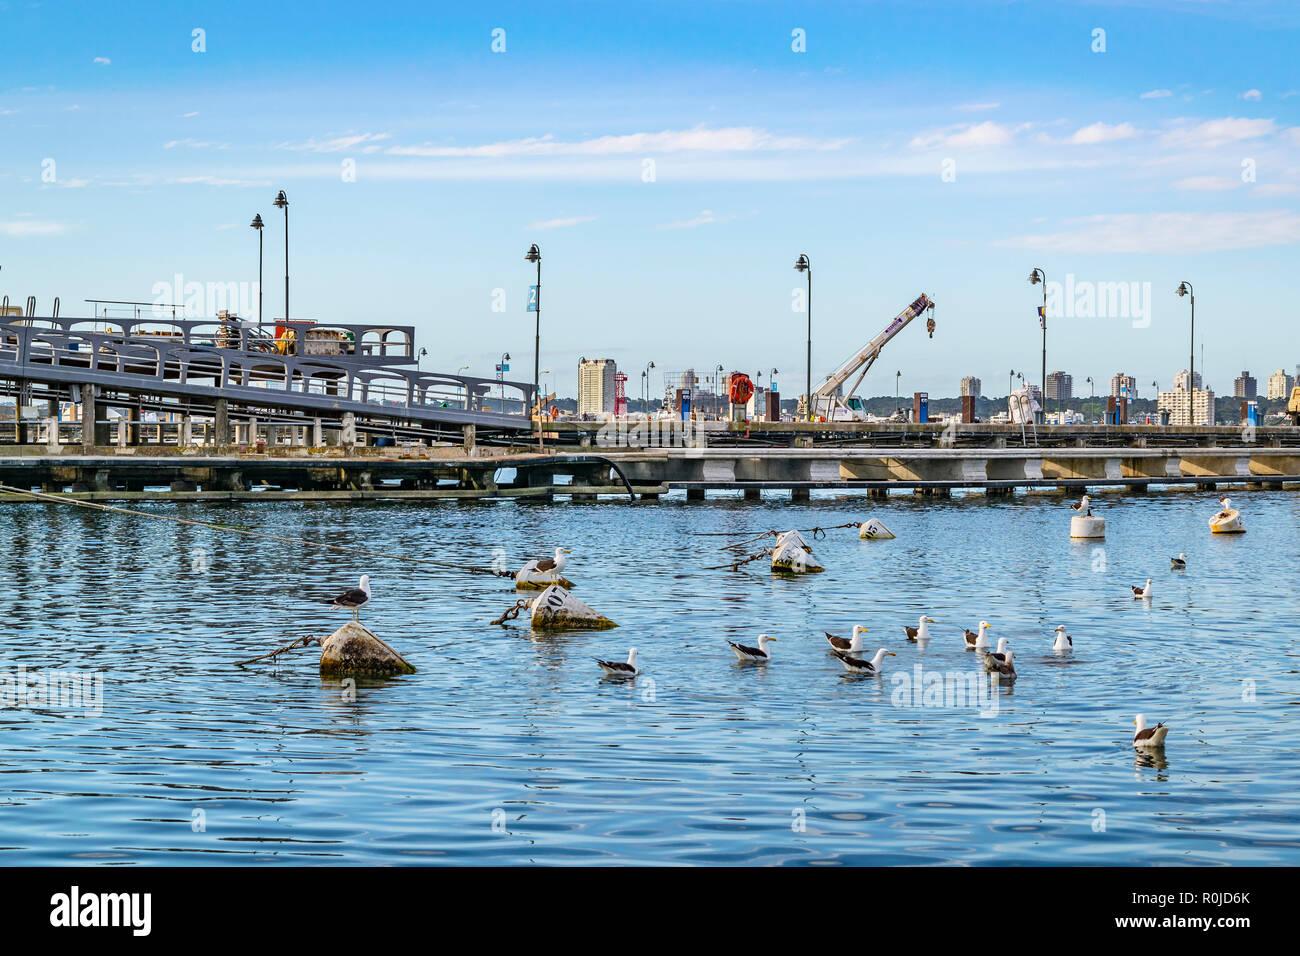 PUNTA DEL ESTE, URUGUAY, OCTOBER - 2018 - Winter day scene at port in punta del este city, Uruguay - Stock Image